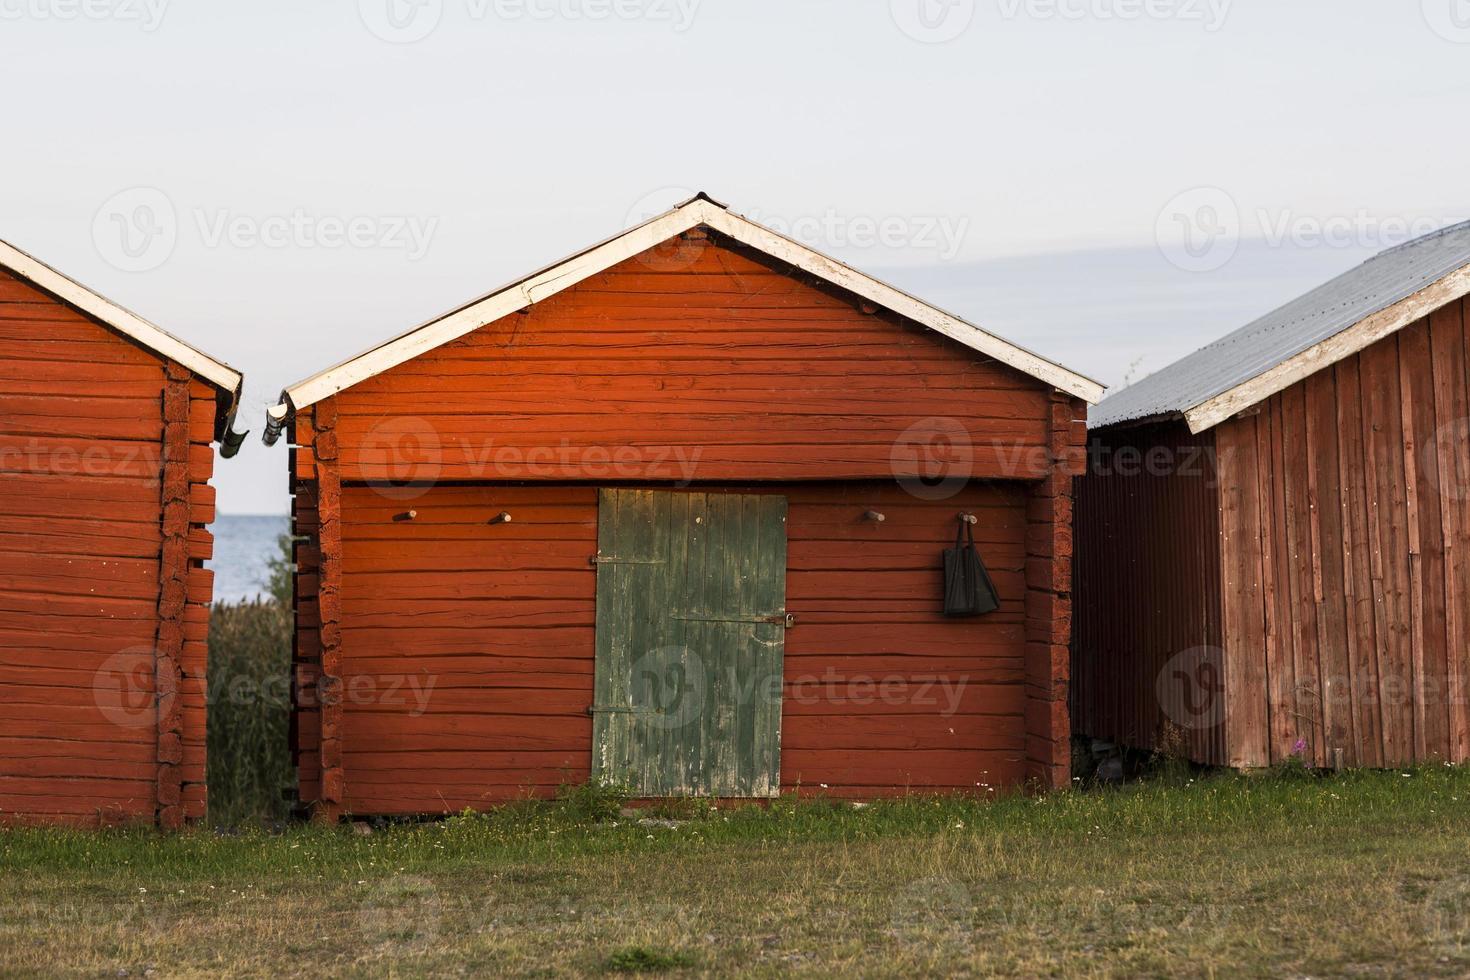 Zweden roodbruin huis in de buurt van meer 5 foto